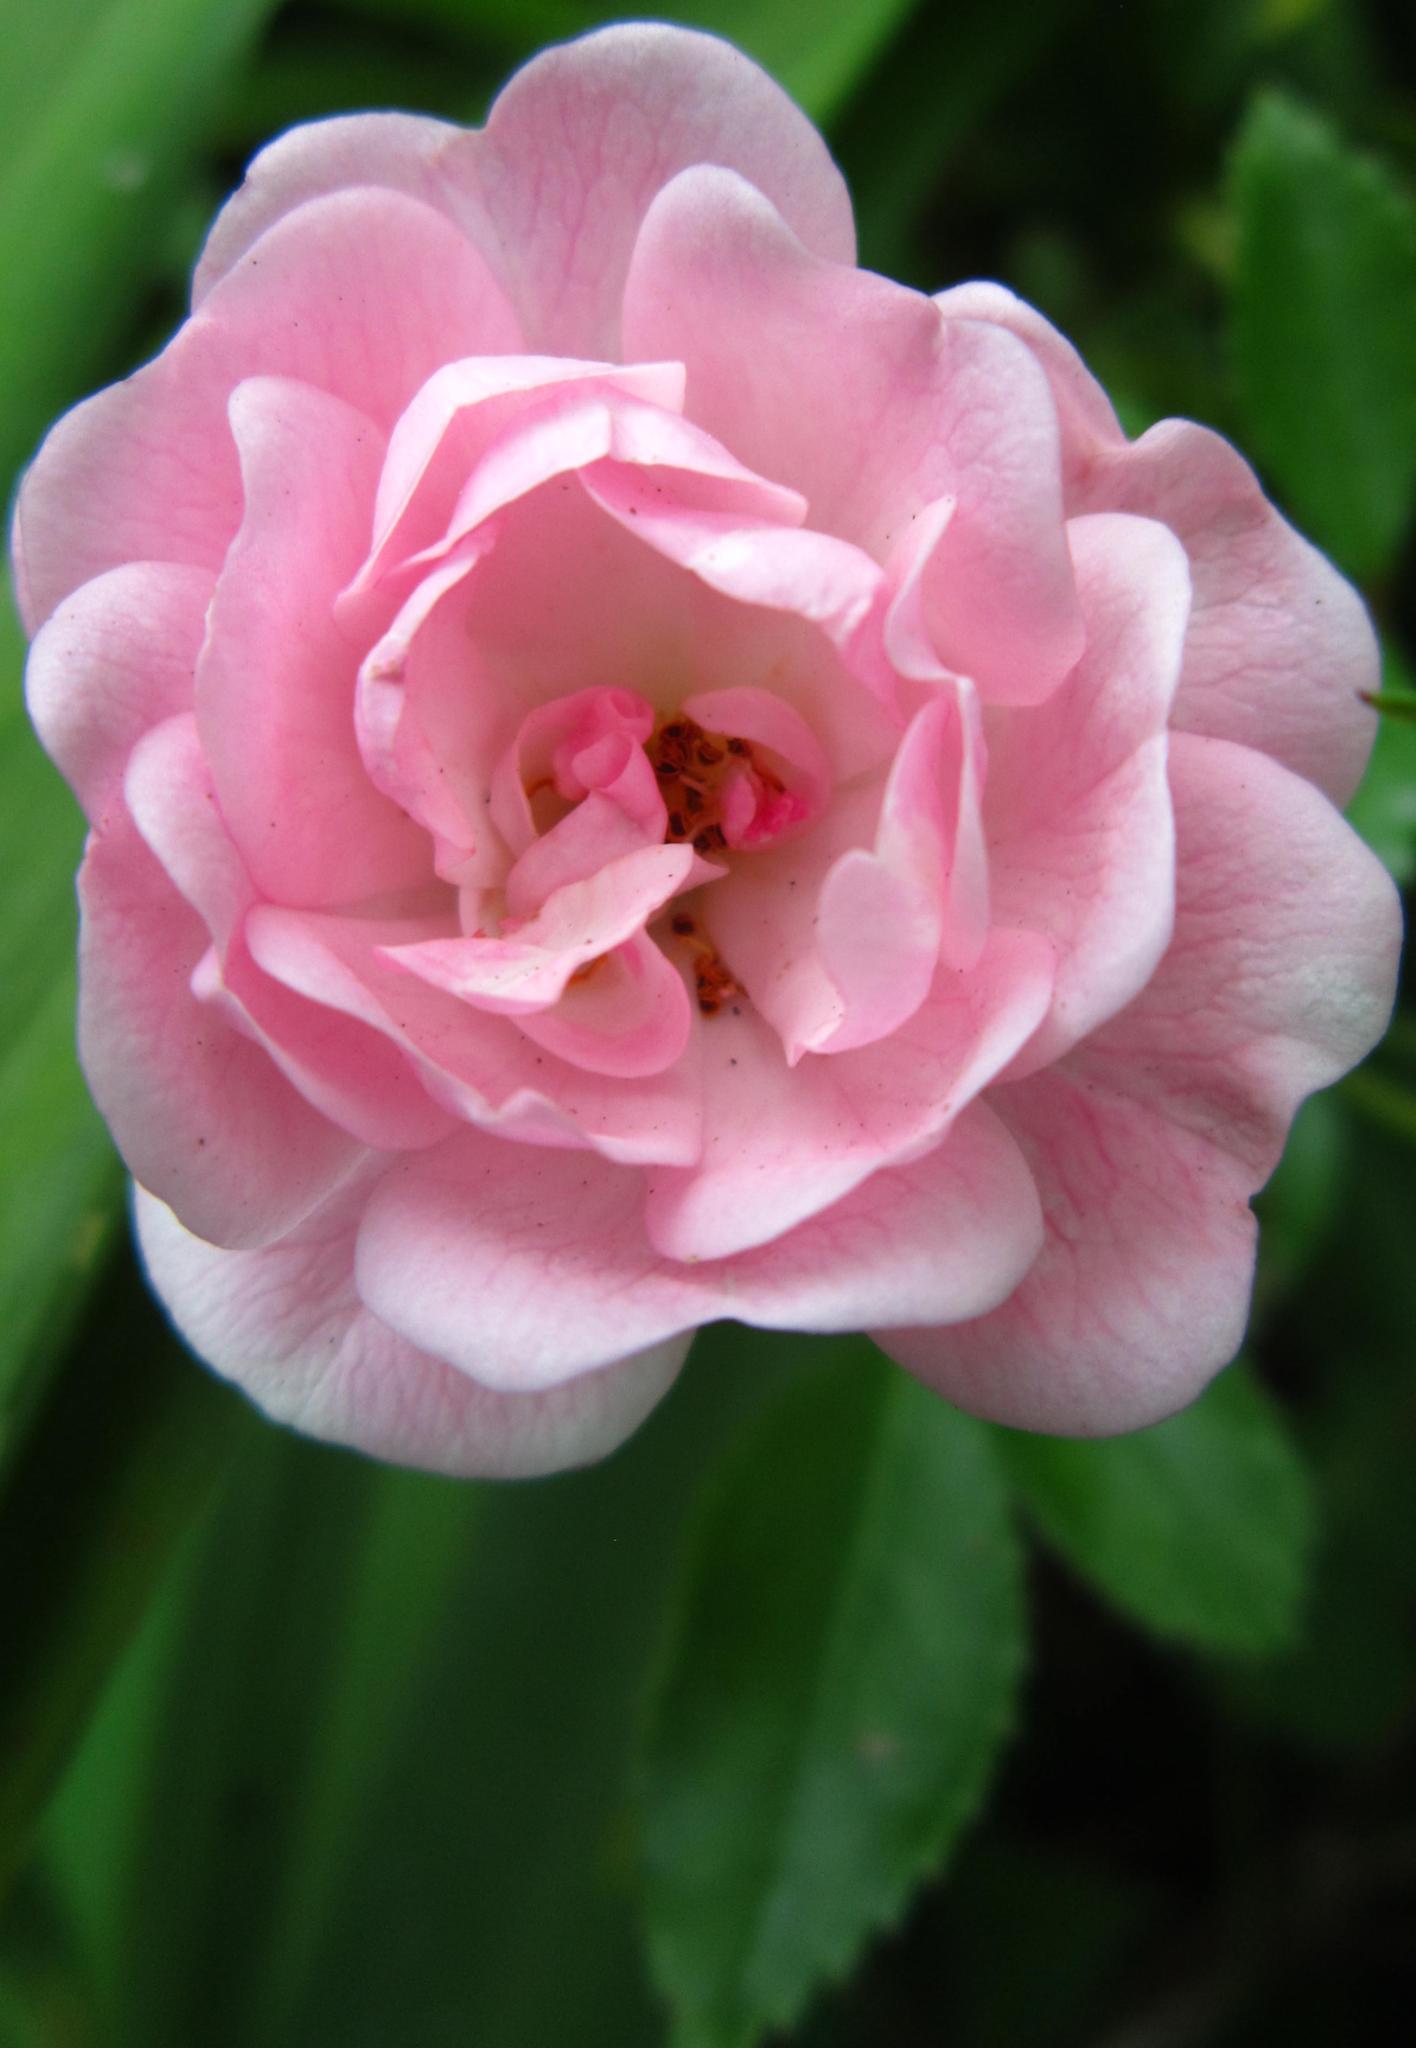 Delicate Rose by Cina De Moura